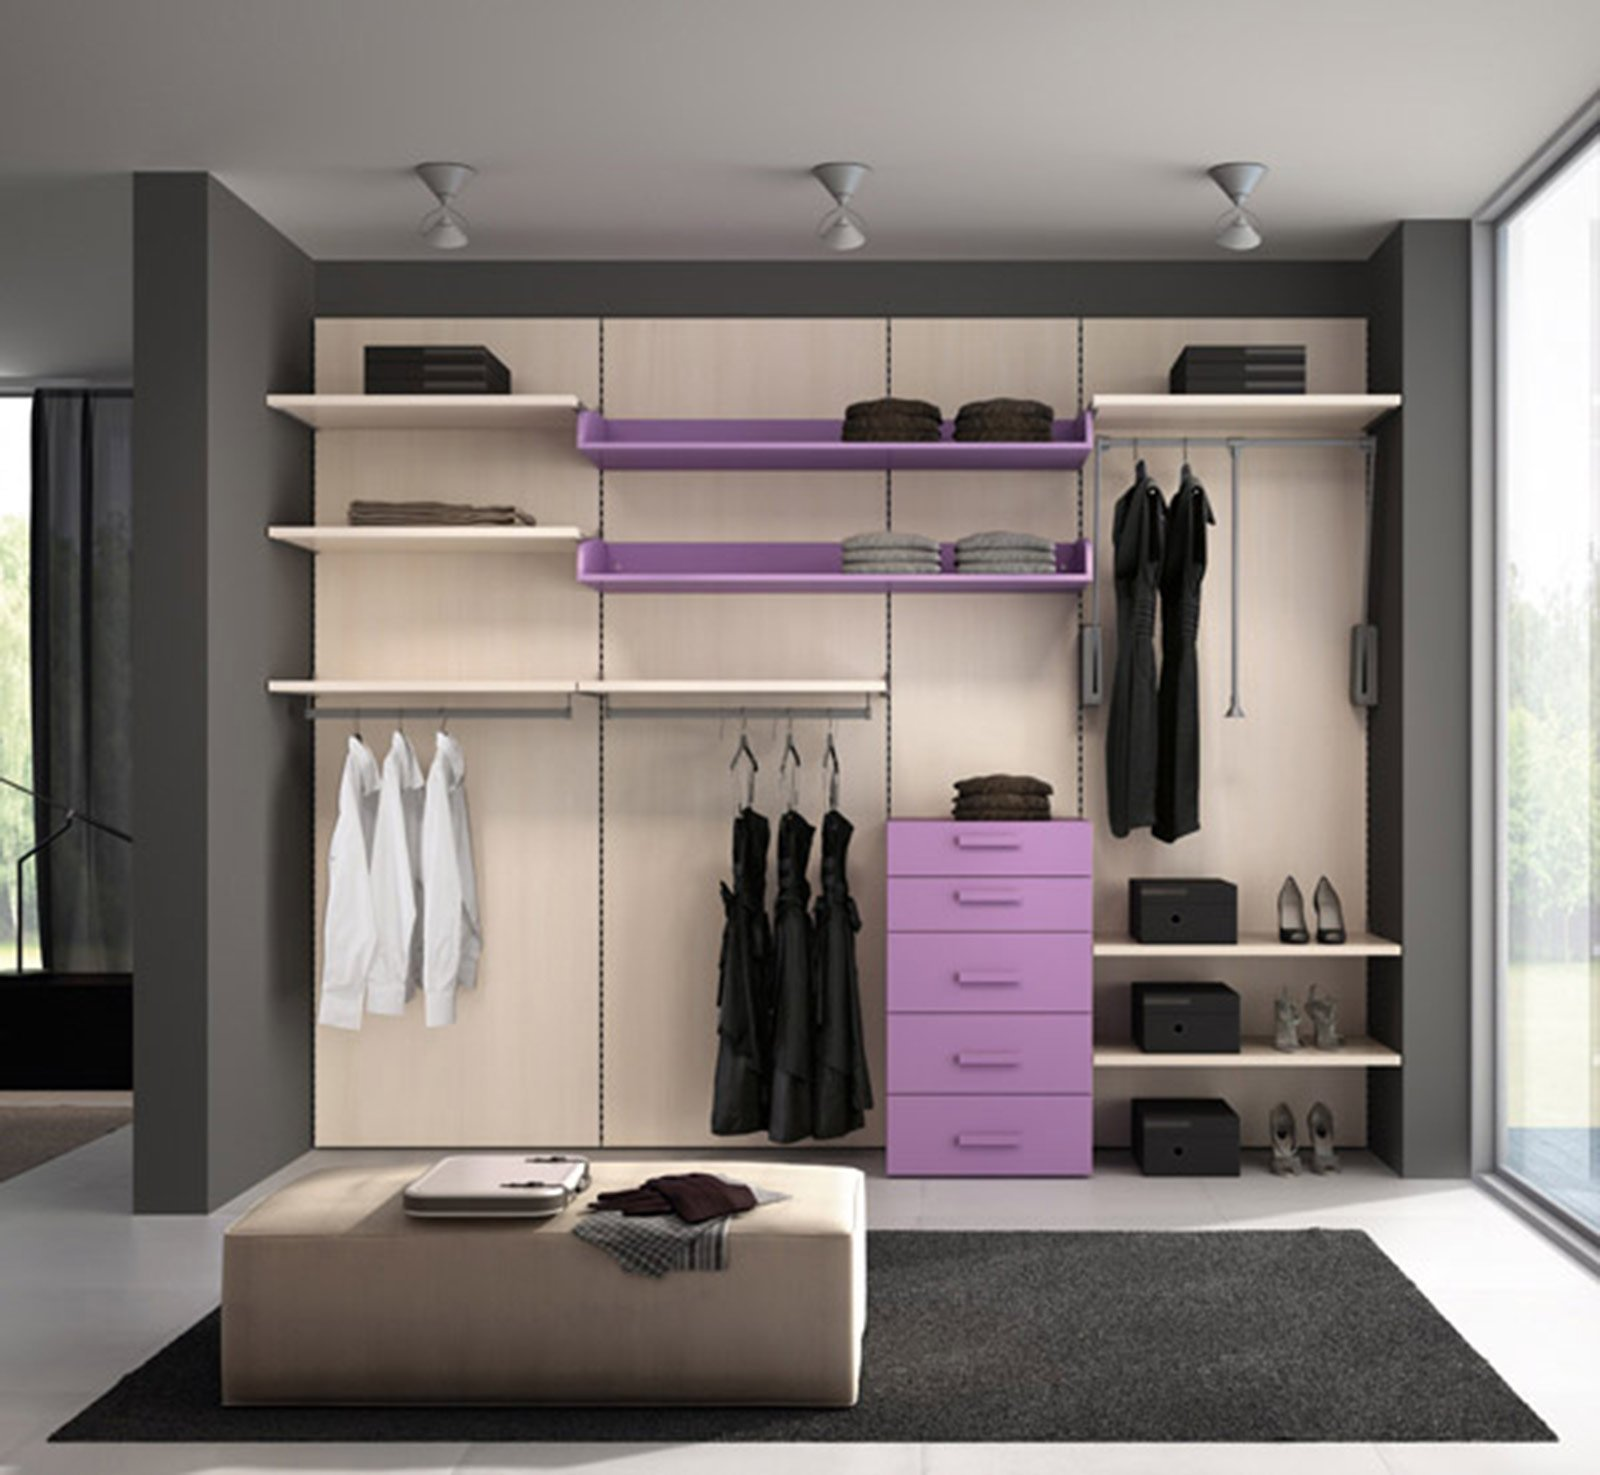 Cabine armadio progettiamo insieme lo spazio cose di casa - Mobili cabina armadio ...